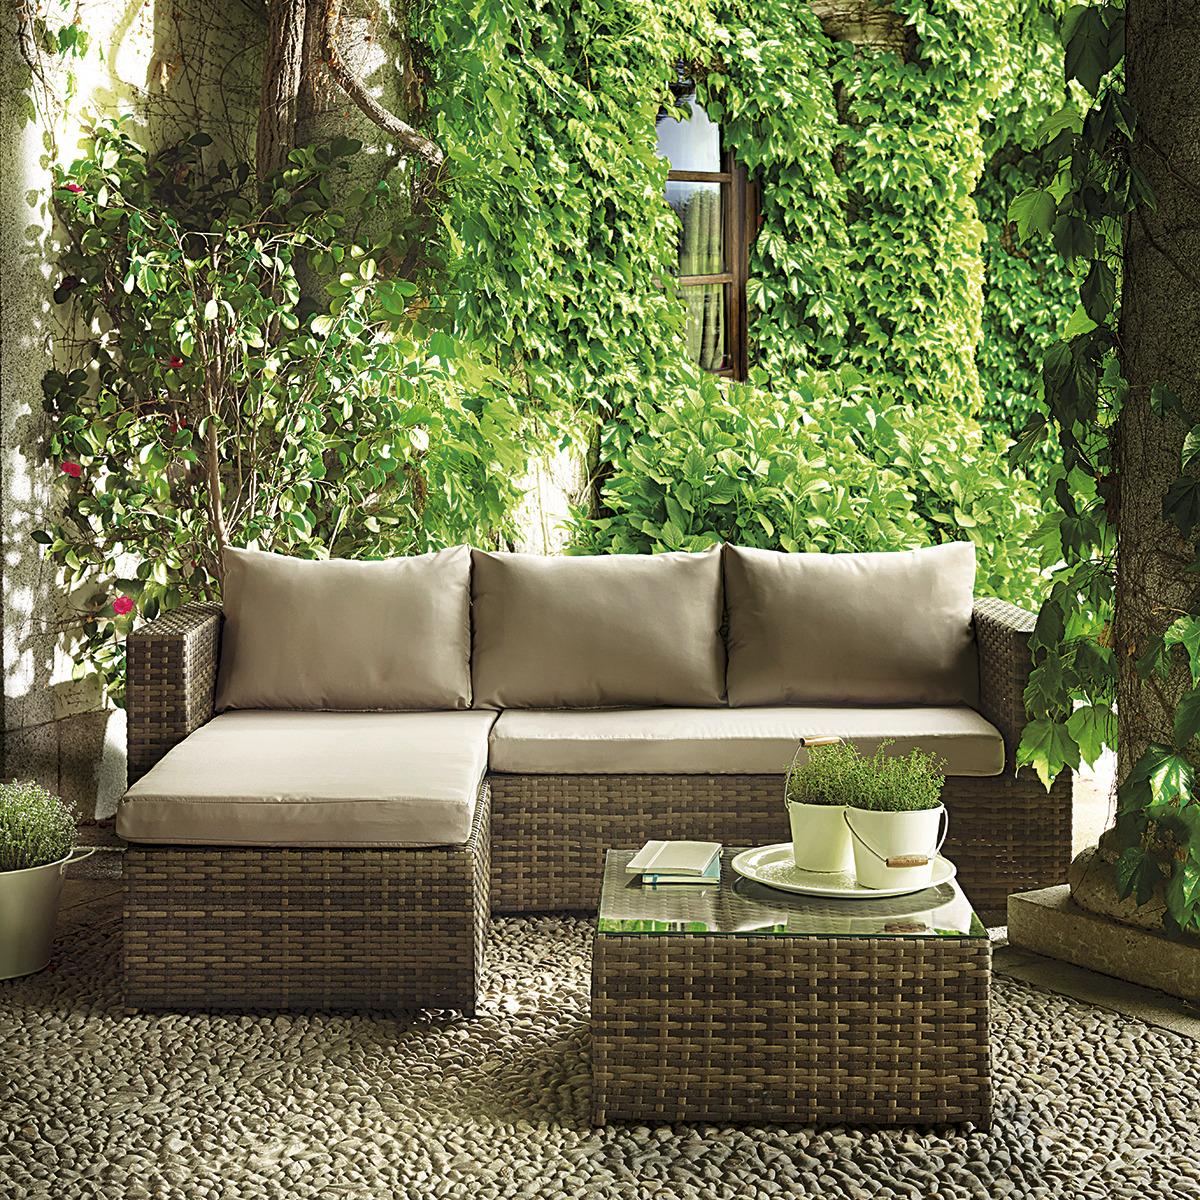 Las mejores rebajas de decoraci n for Rebajas mobiliario jardin